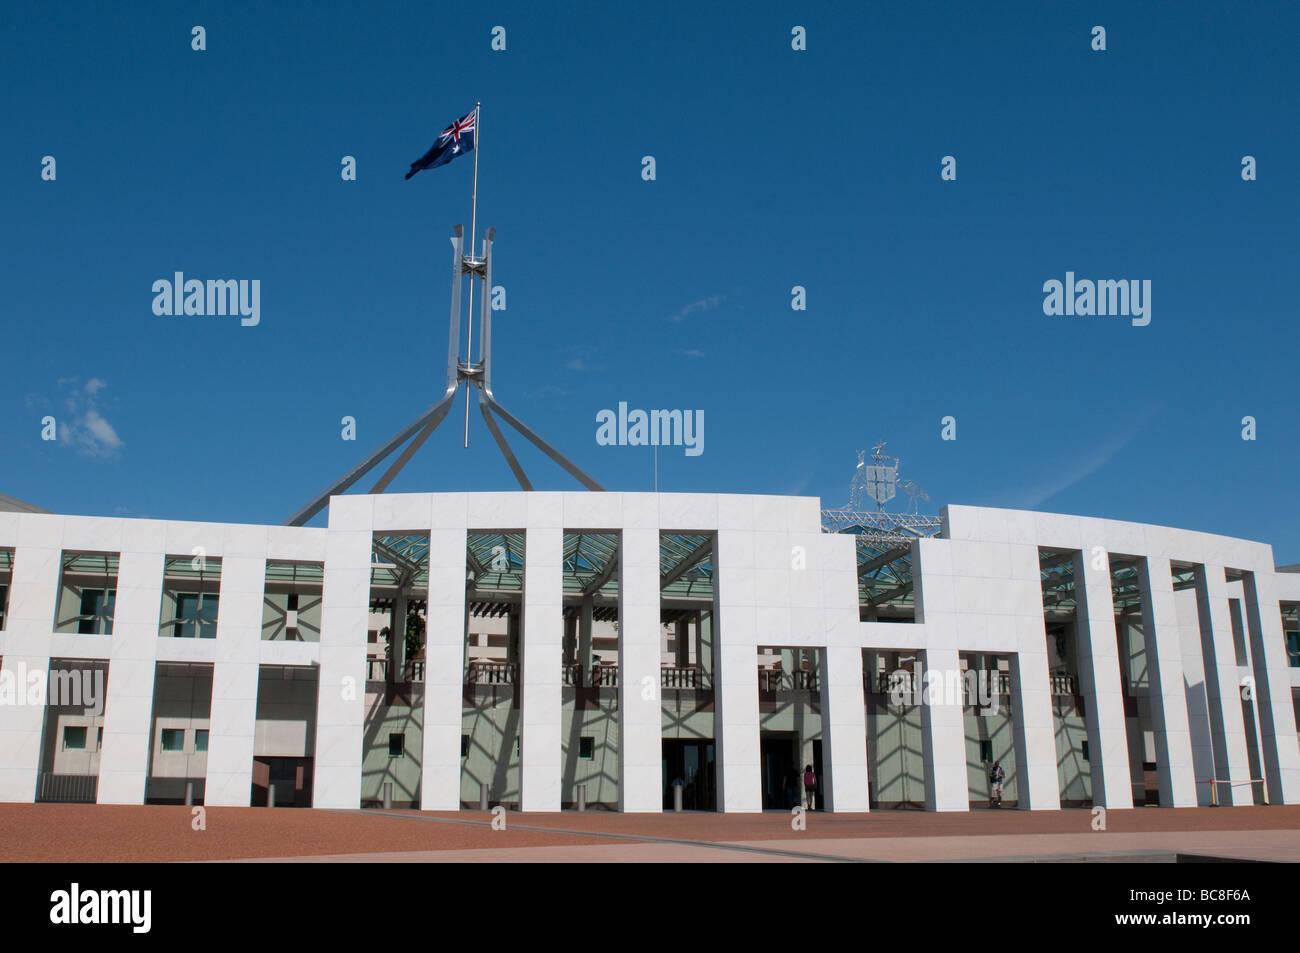 Nouveau Parlement House, Canberra, ACT, Australie Banque D'Images